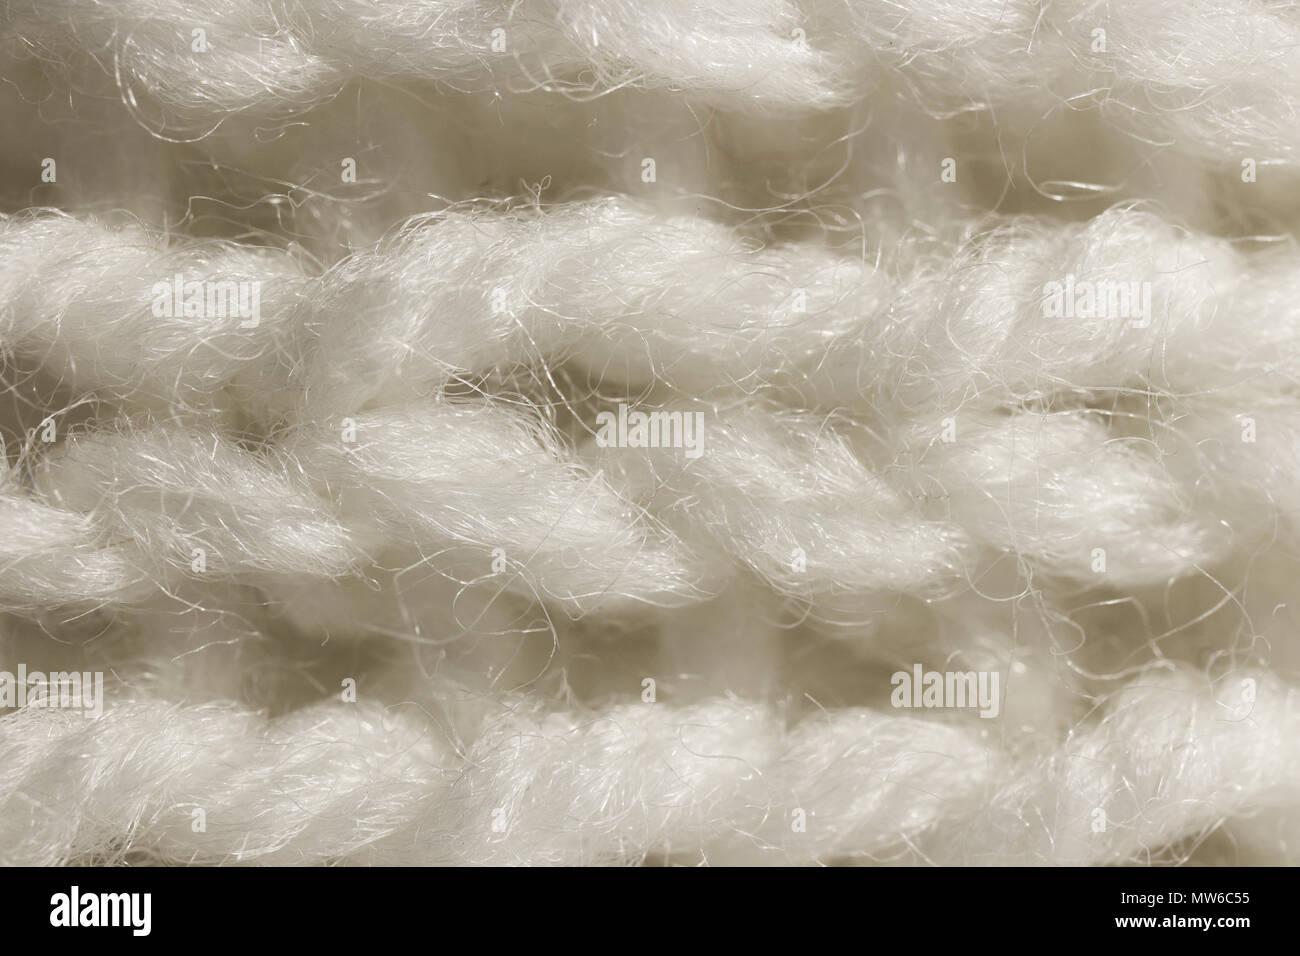 Weißer Wolle Stricken Textur Horizontale Zusammen Weben Häkeln